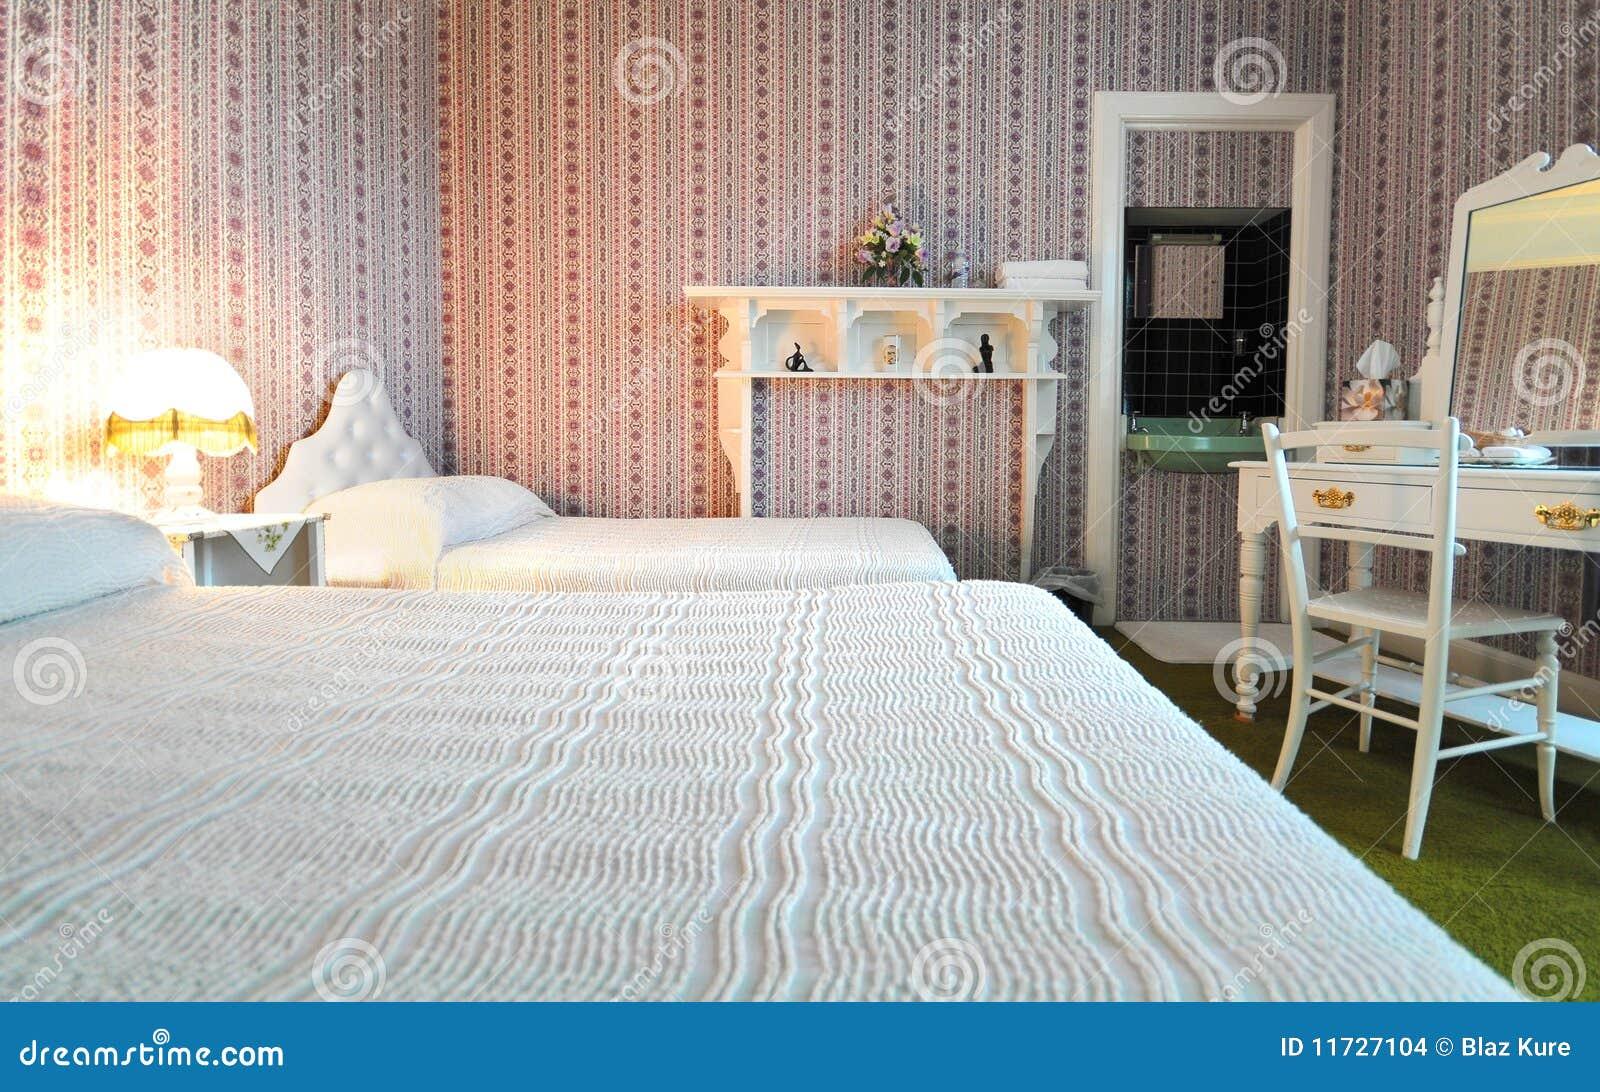 Camera da letto di lusso vecchio stile immagini stock immagine 11727104 - Camera da letto stile inglese ...